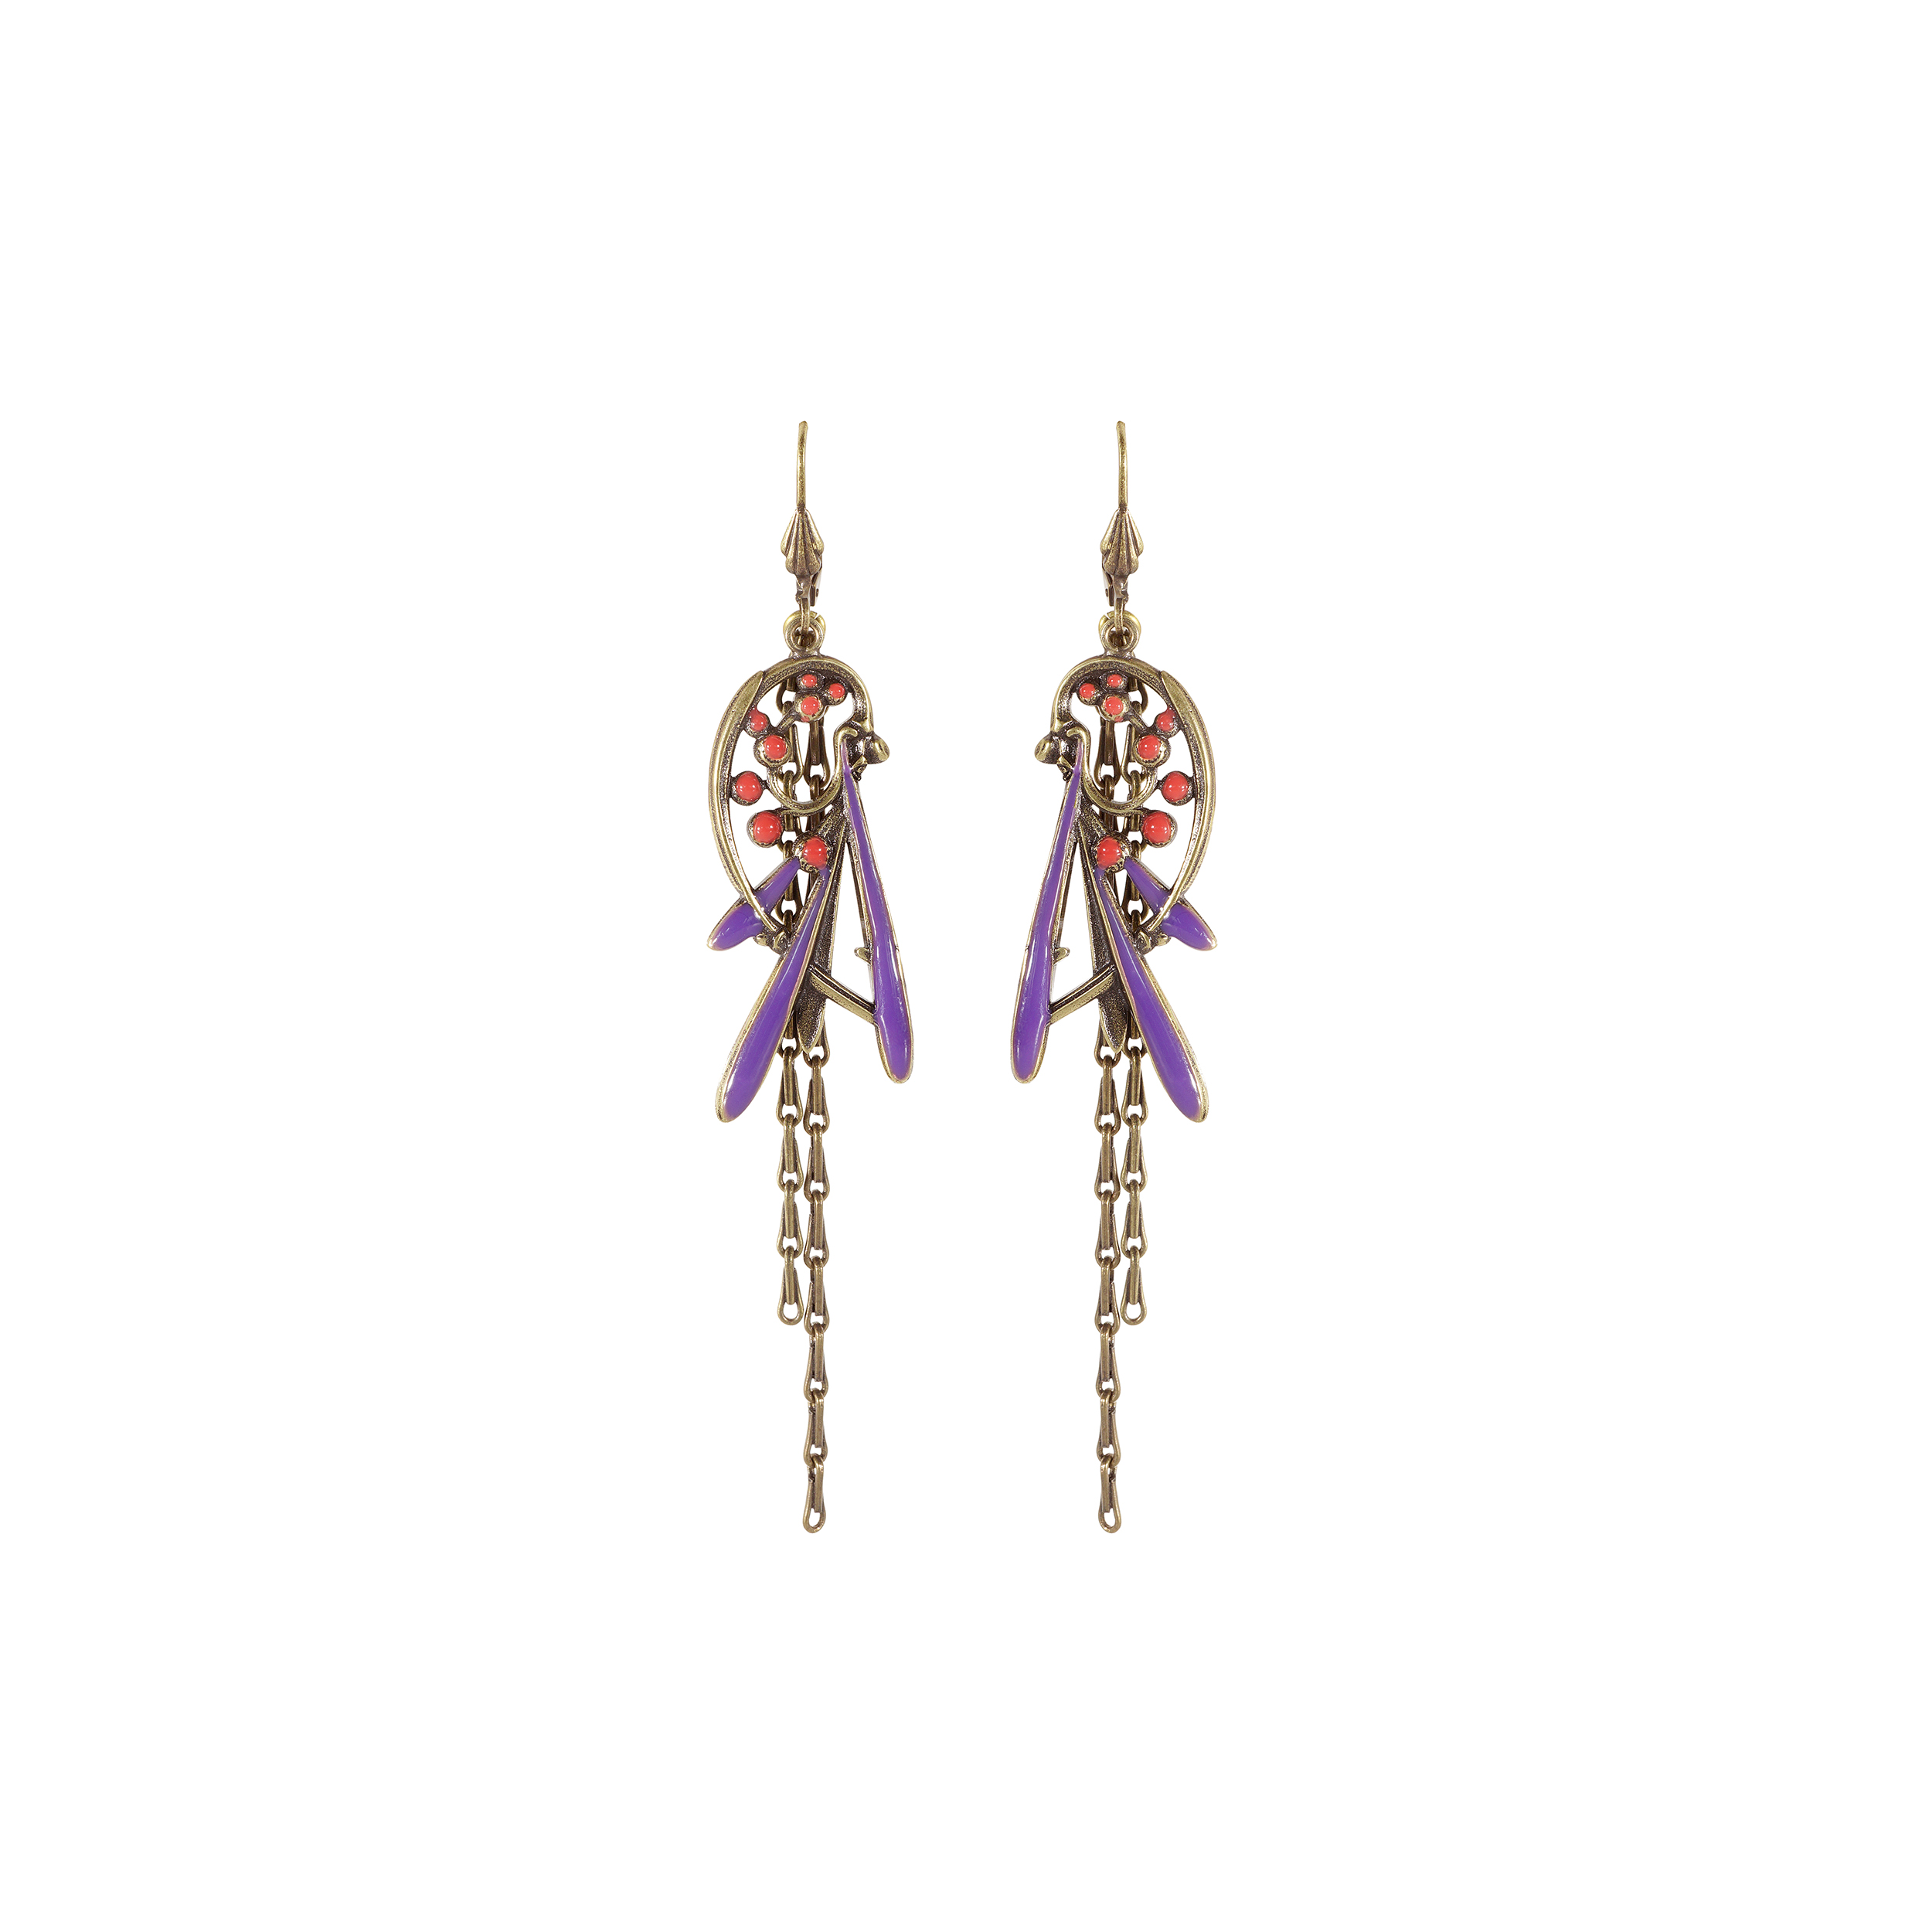 Prunelle drop earrings